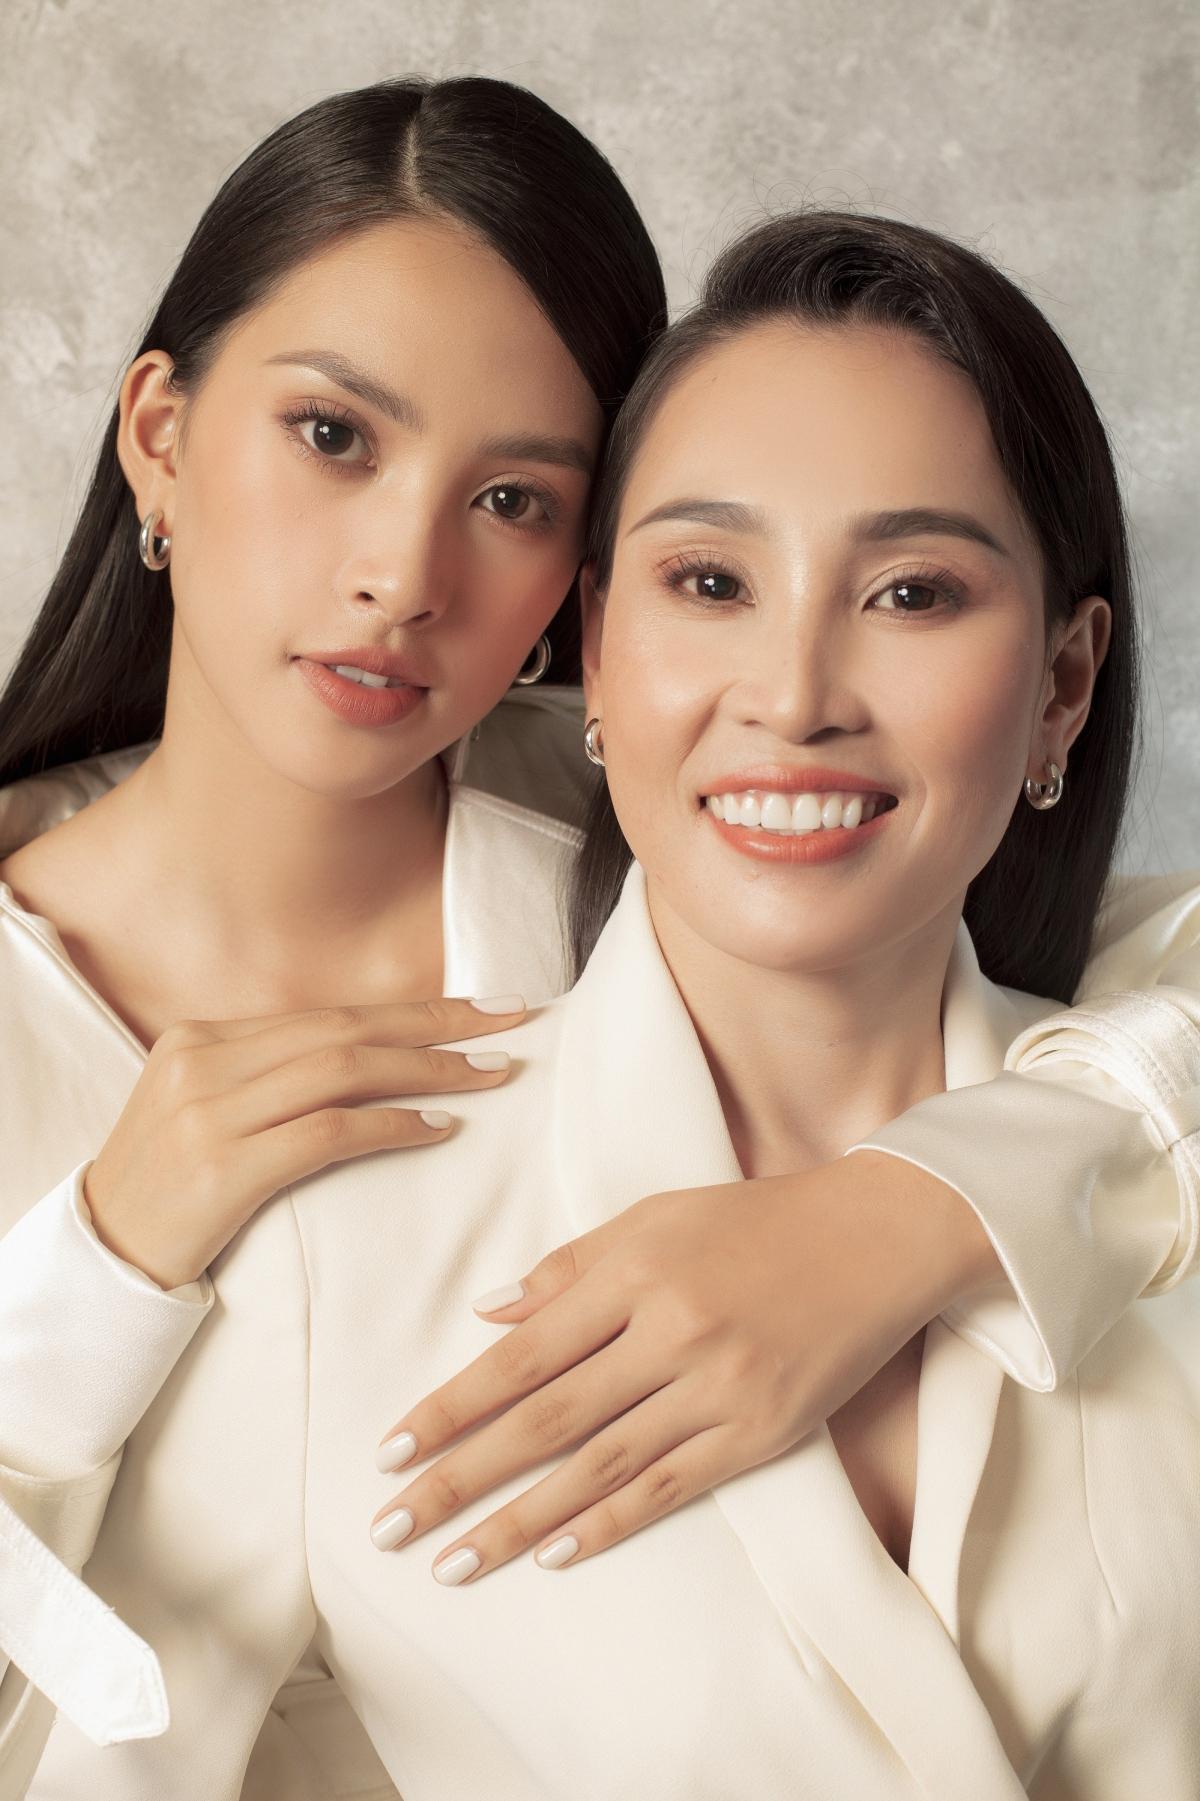 Được biết nàng hậu thực hiện bộ ảnh cùng mẹ nhân ngày Phụ nữ Việt Nam 20/10.